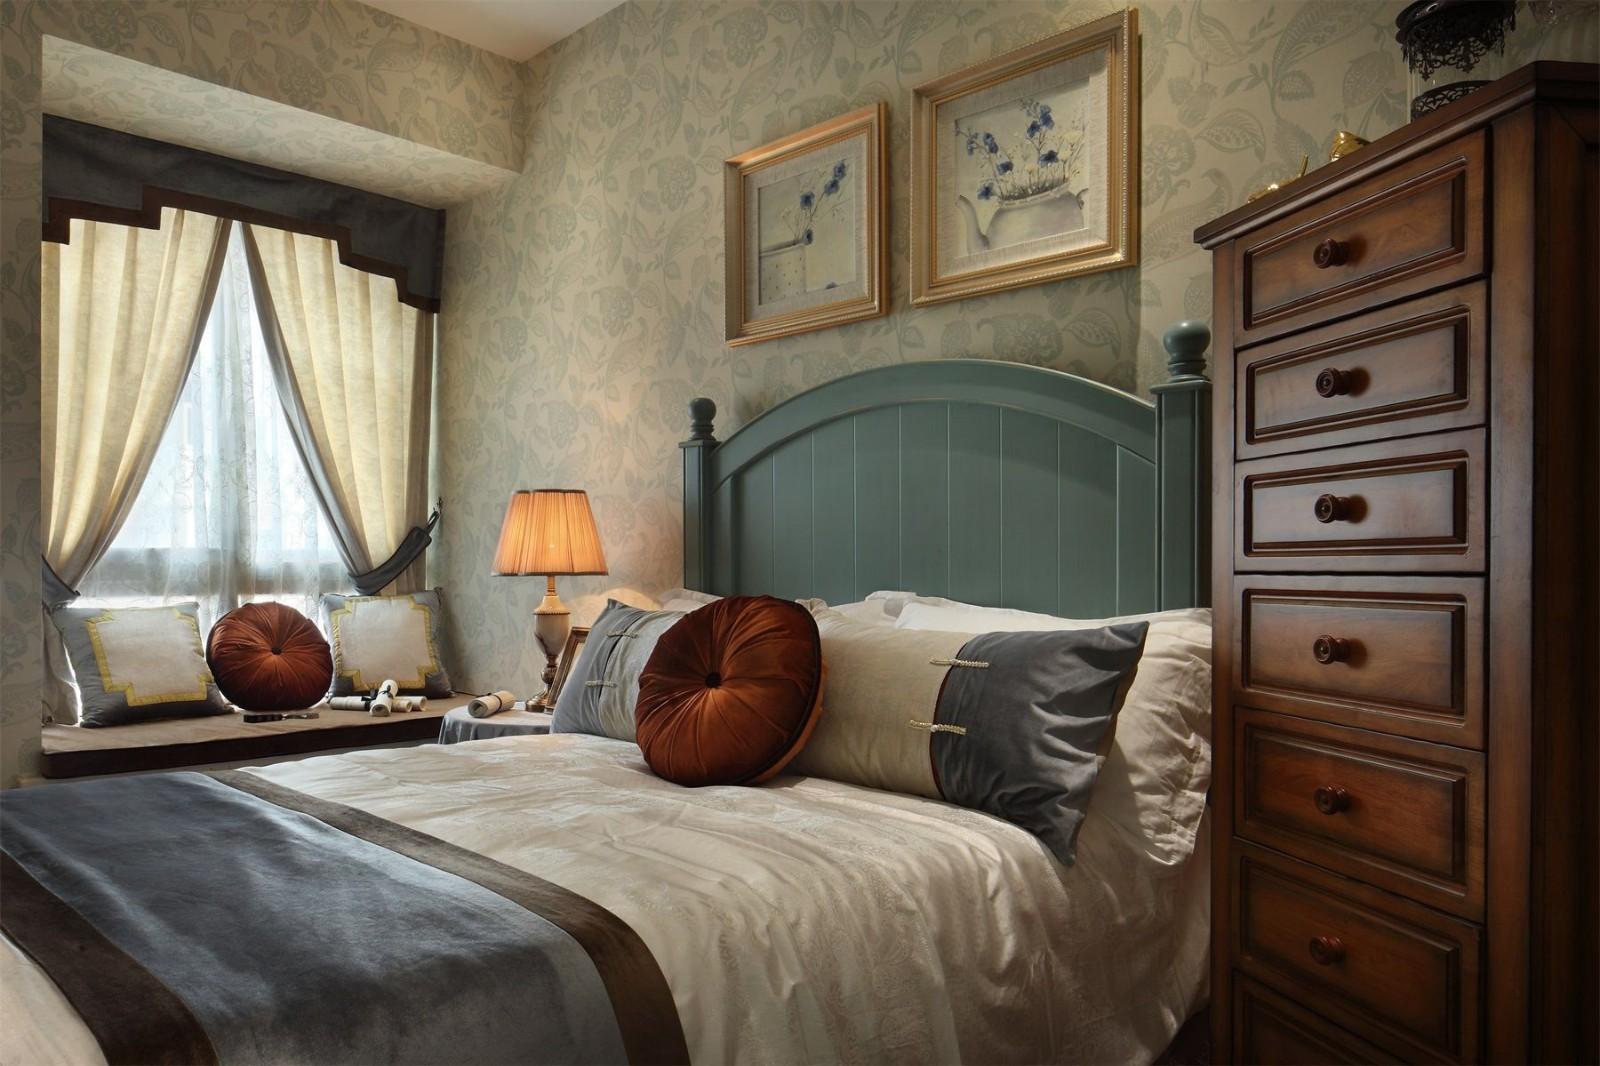 2019法式卧室装修设计图片 2019法式床头柜装修设计图片